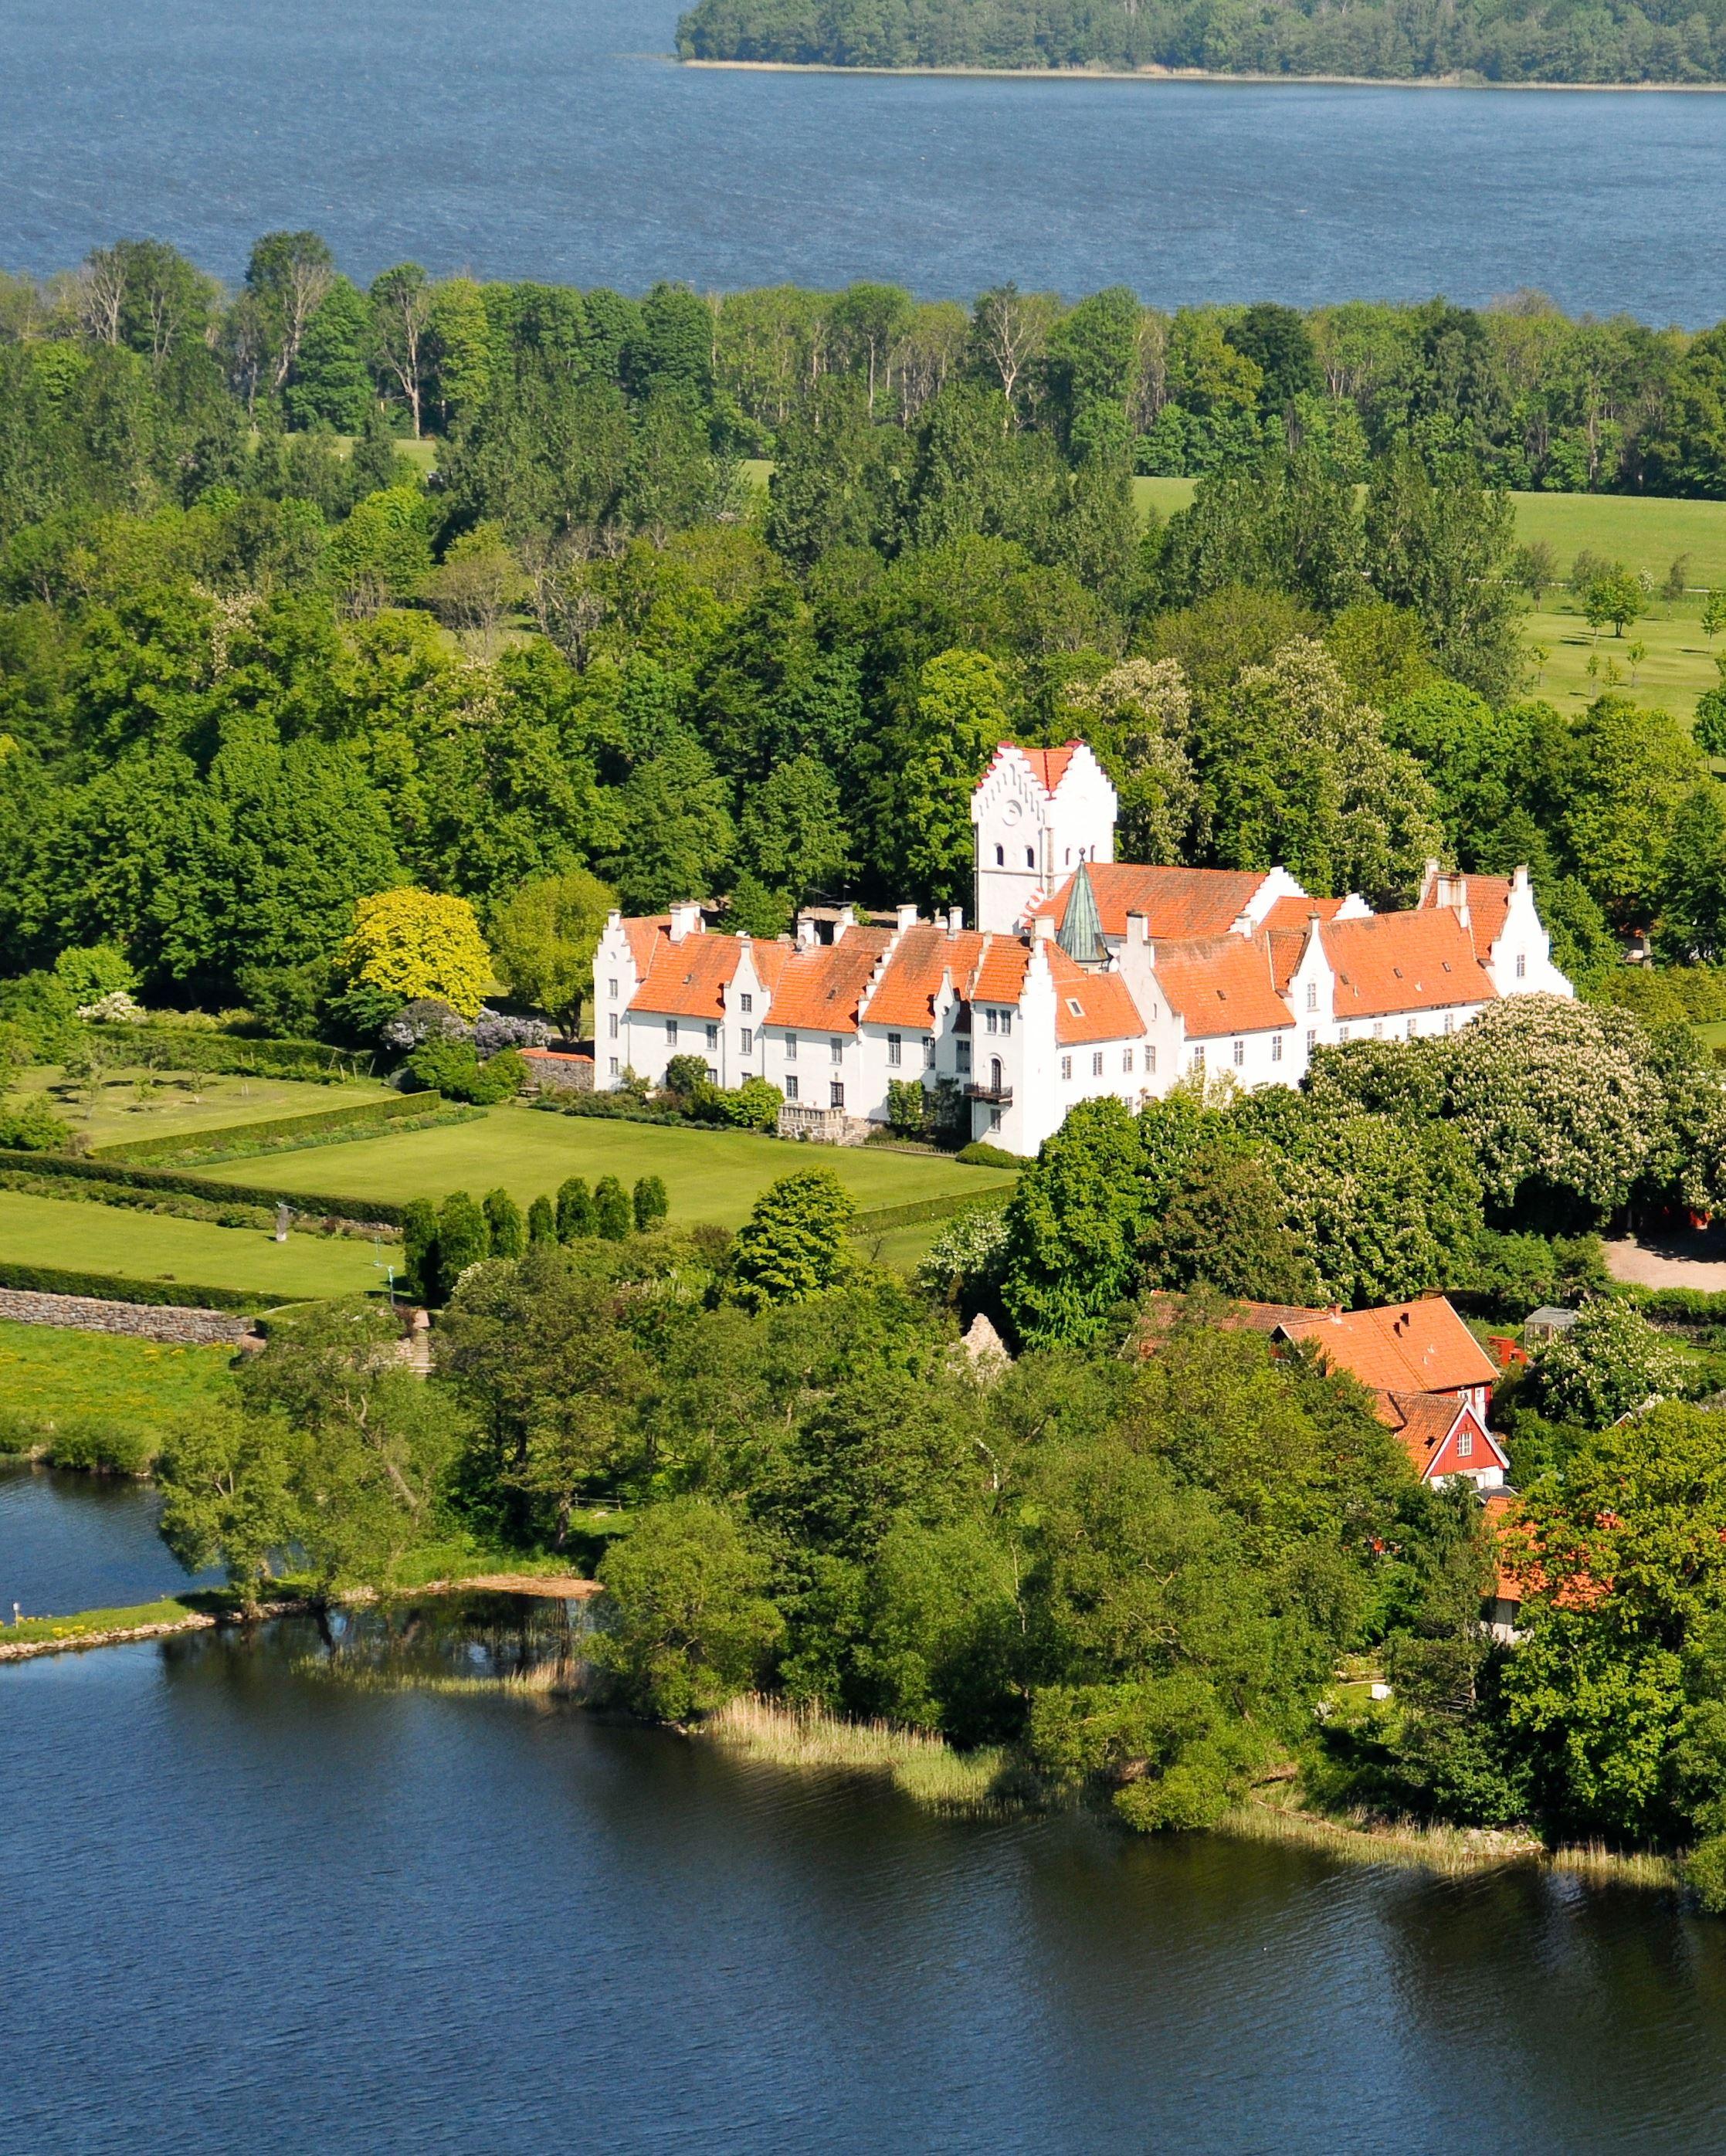 Bosjökloster Mansion gardens - Bosjökloster Slottsträdgårdar